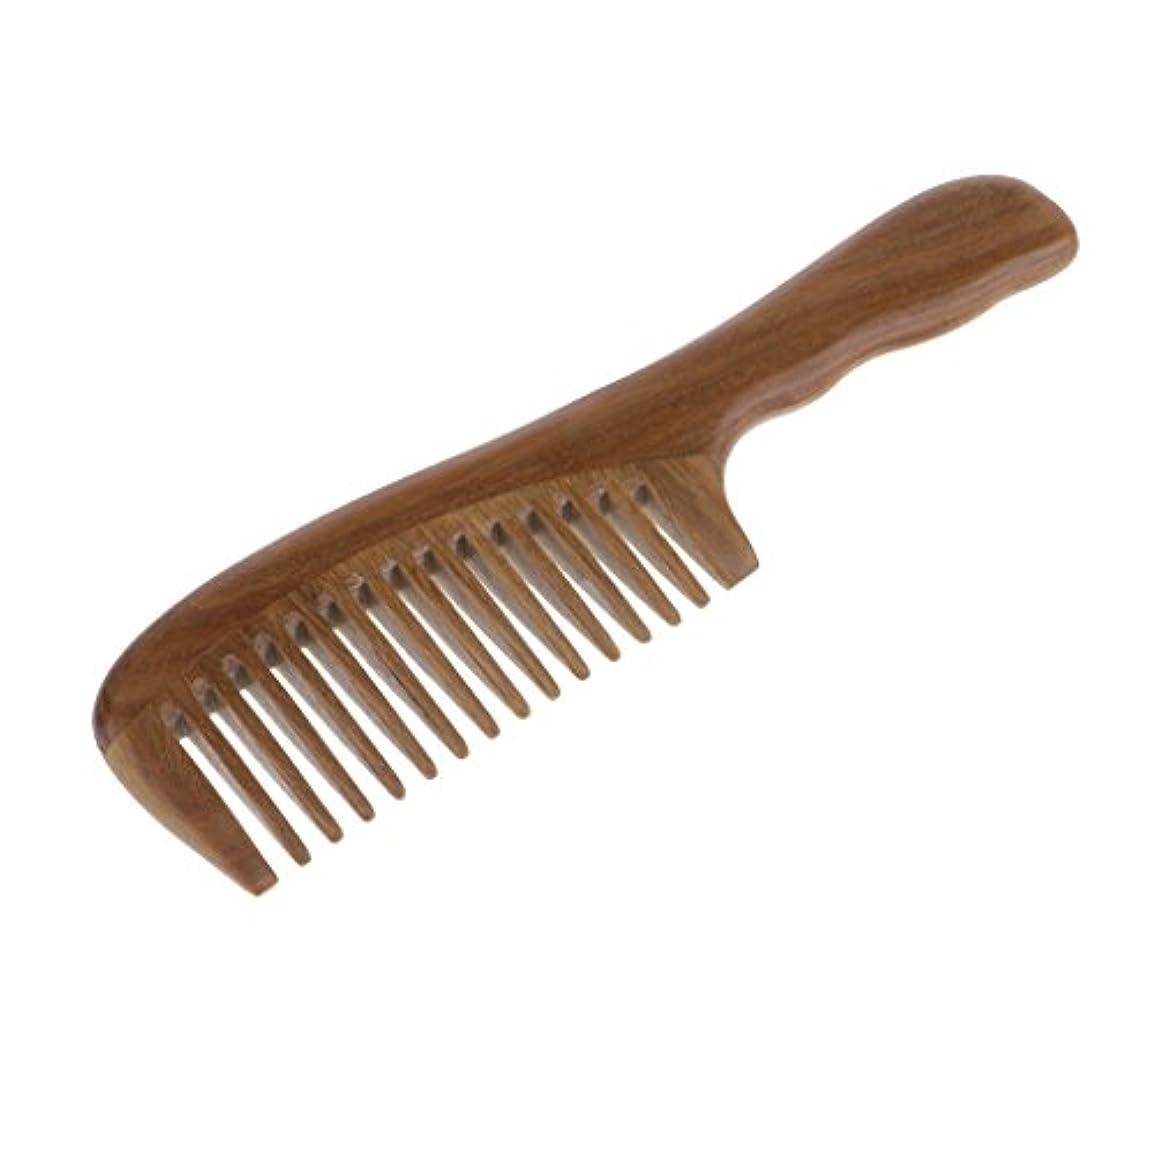 失うフランクワースリー精算コーム 櫛 木製 ヘアブラシ ウッドコーム 頭皮マッサージ 帯電防止 2タイプ選べる - 広い歯